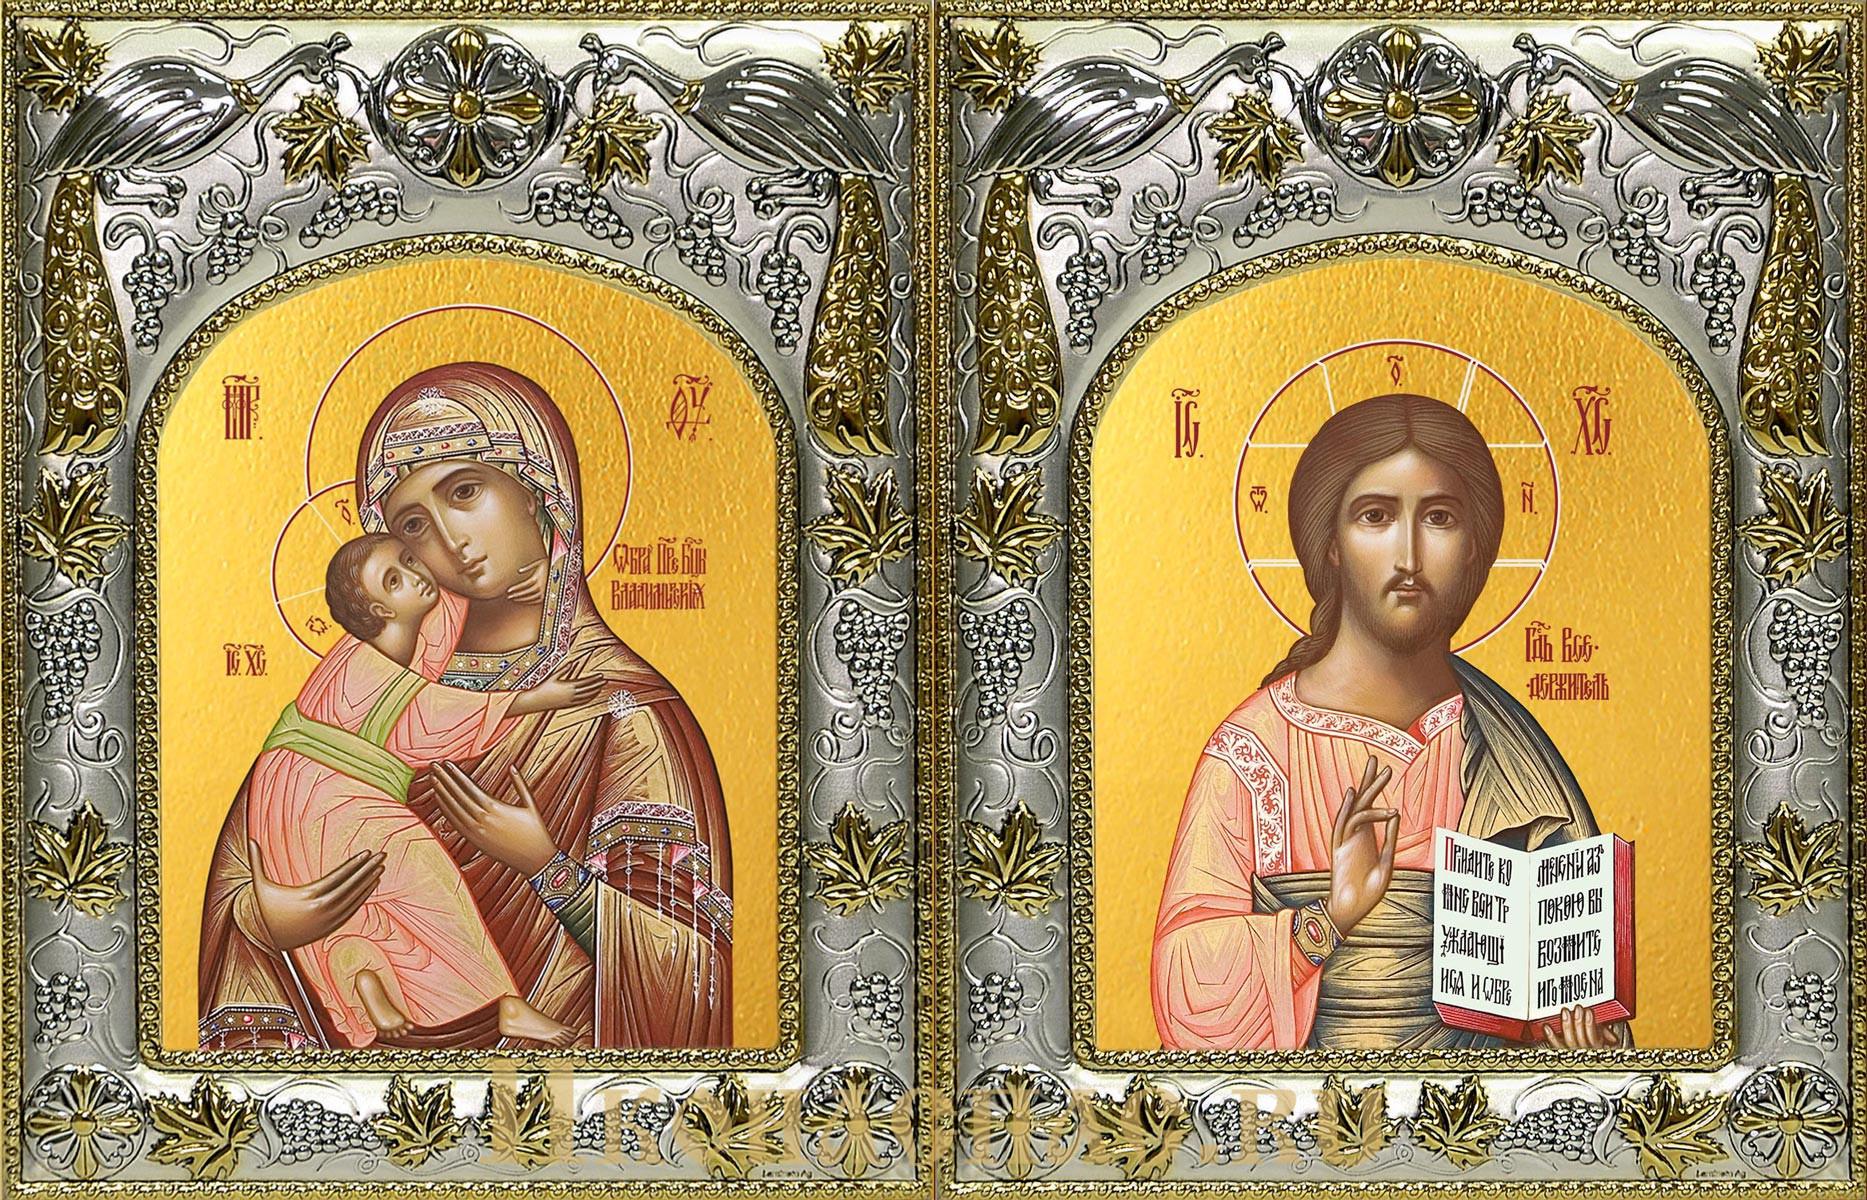 Венчальная пара икон Господь Вседержитель и Владимирская икона Божьей Матери